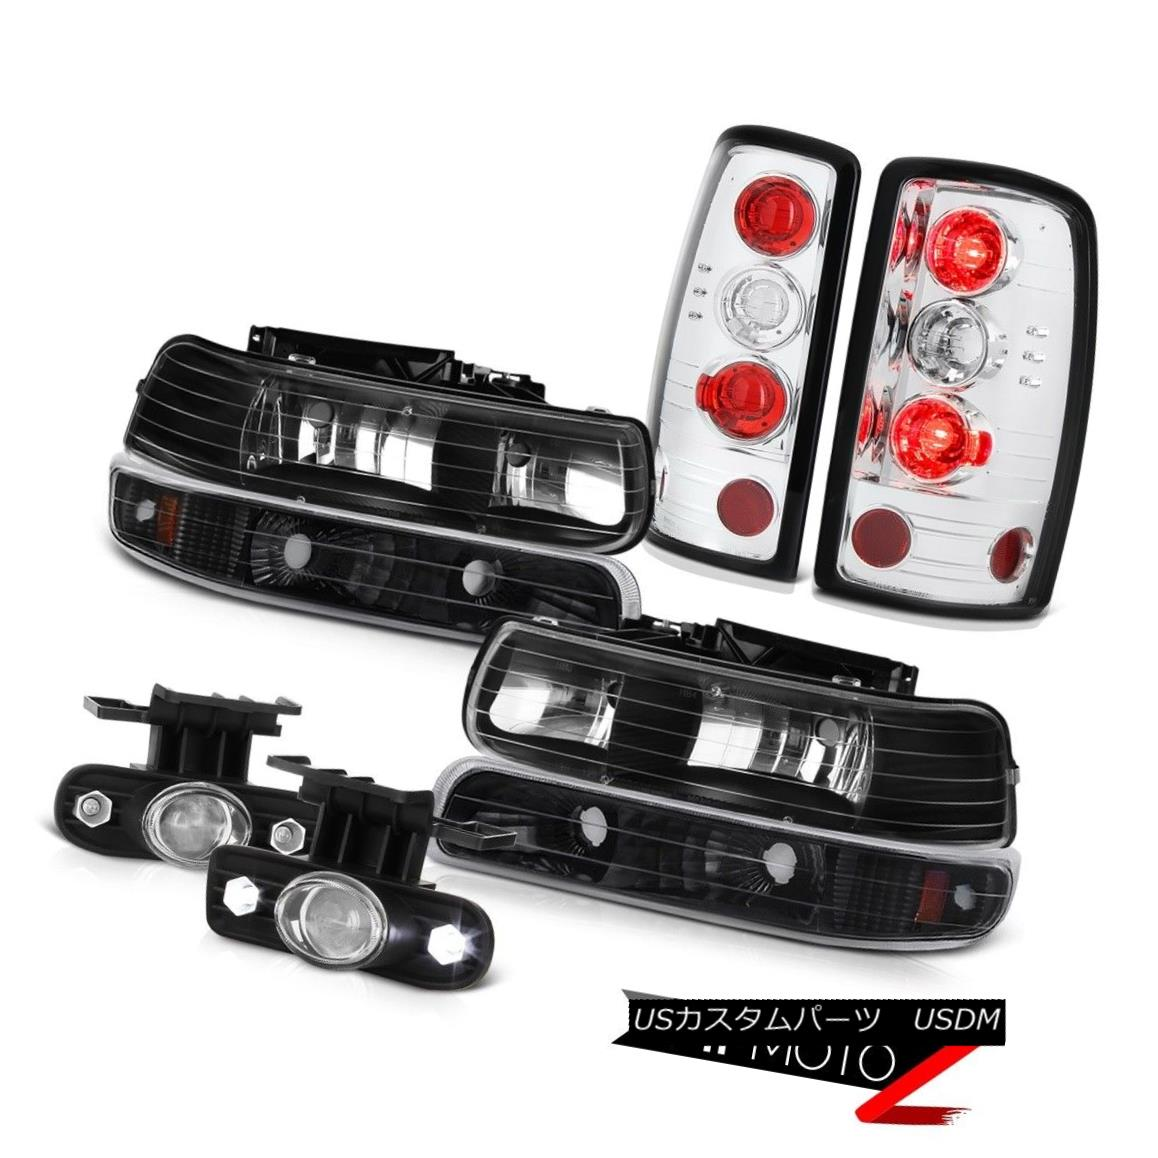 テールライト 00-06 Suburban 1500 Barn Door Tail Brake Lights Matte Black Headlights Fog Euro 00-06郊外1500納屋ドアテールブレーキライトマットブラックヘッドライトフォグユーロ